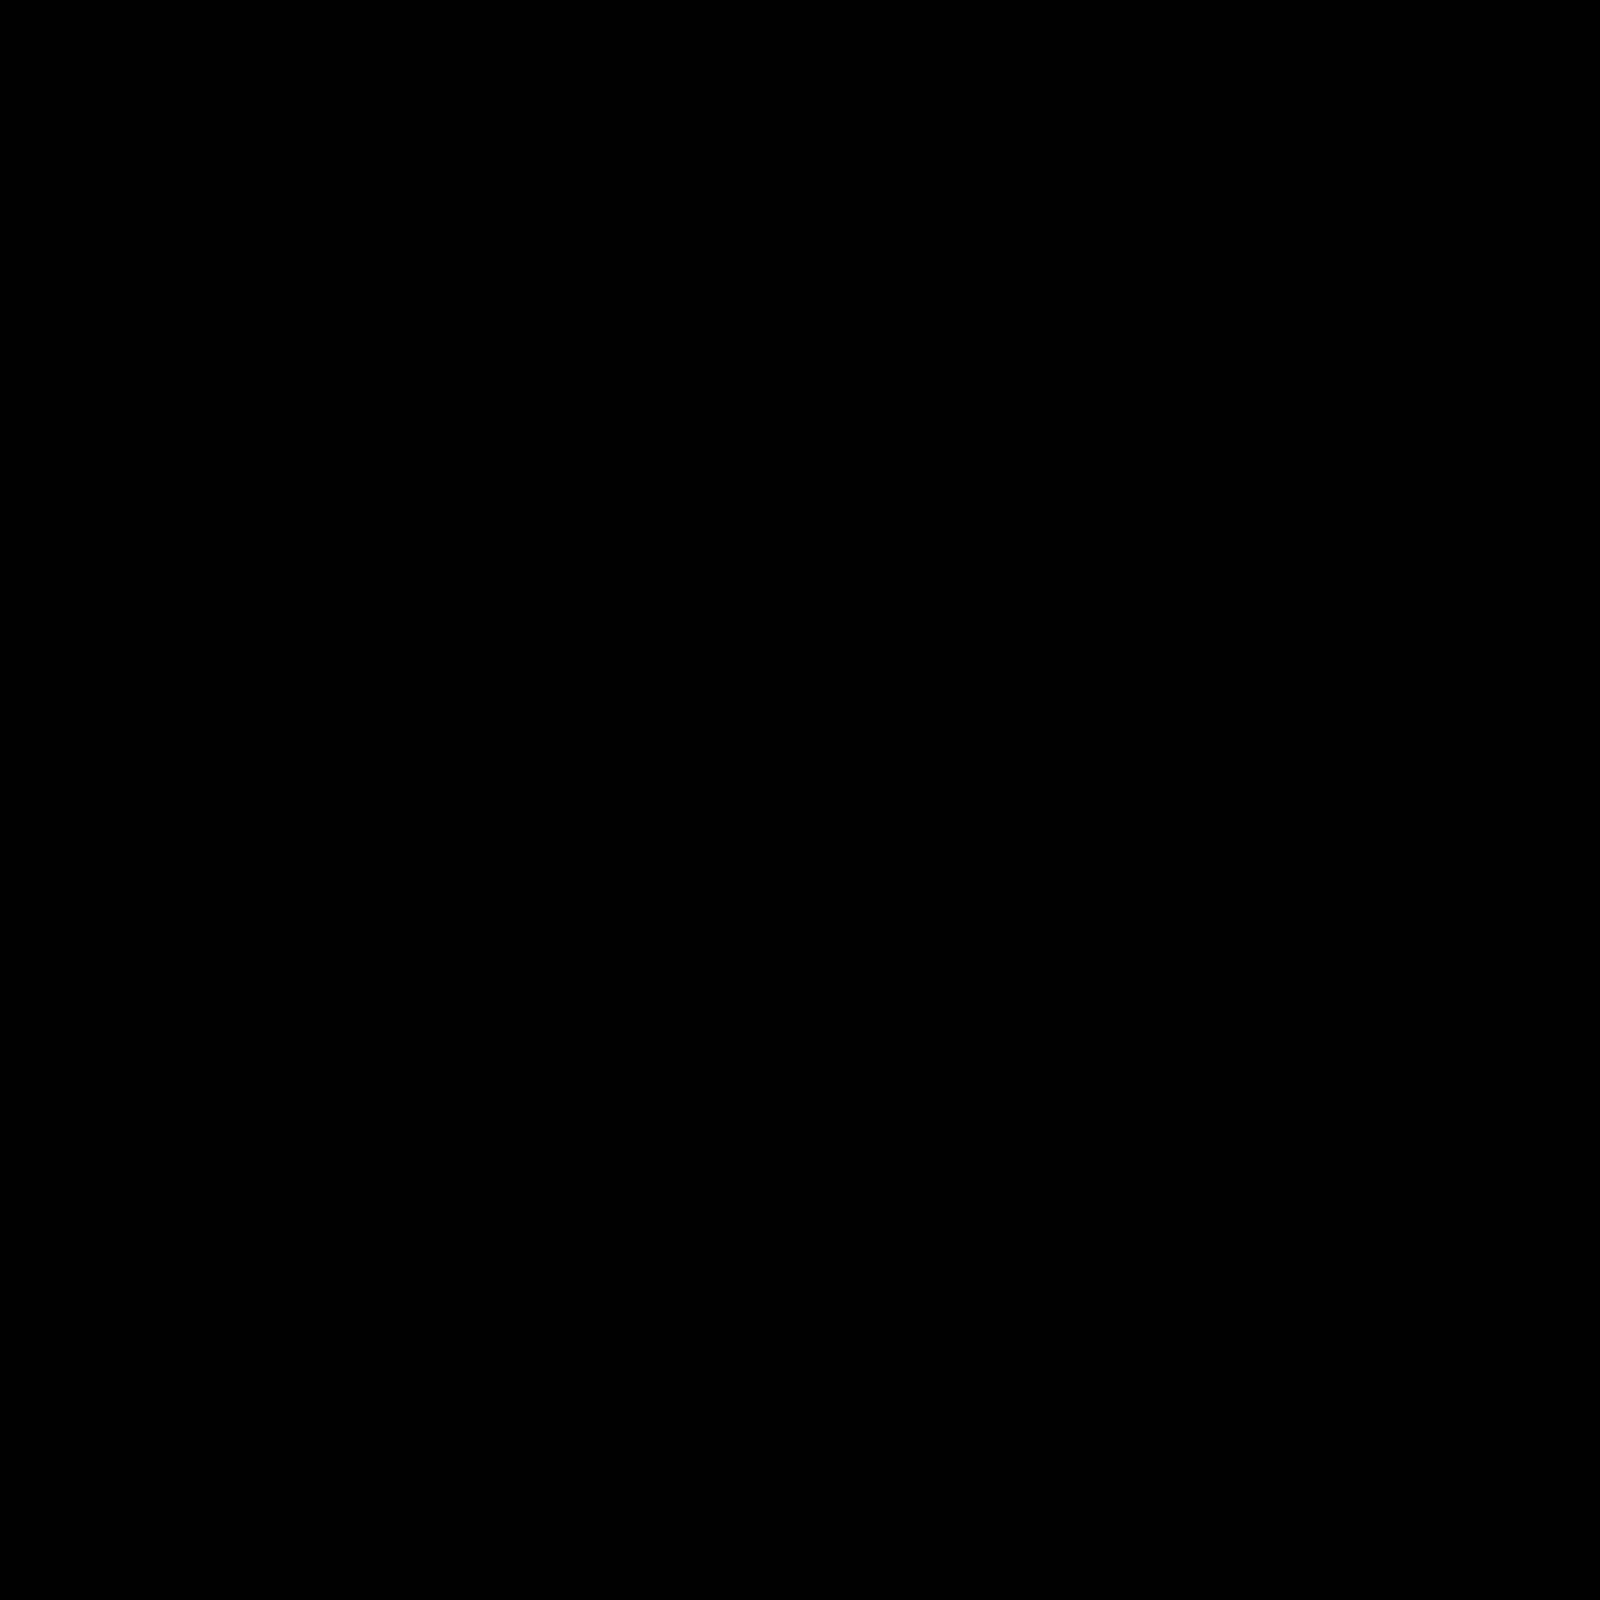 Bęben basowy icon